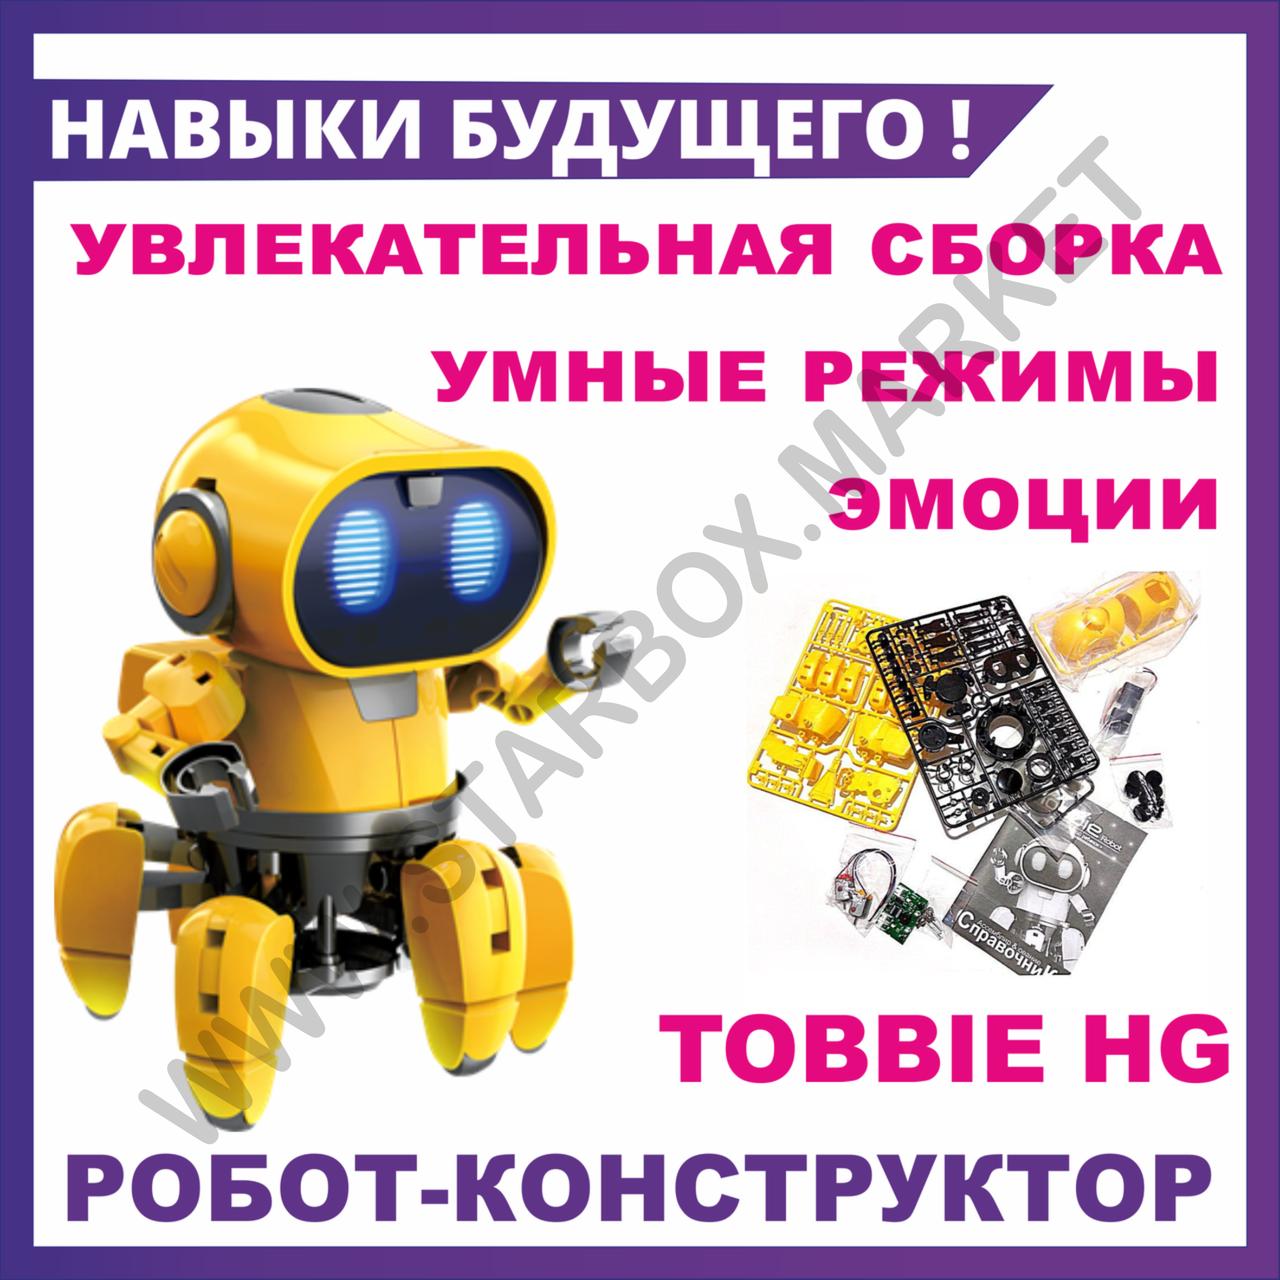 Робот-конструктор Tobbie HG 715, интерактивный. Умный конструктор по созданию робототехники